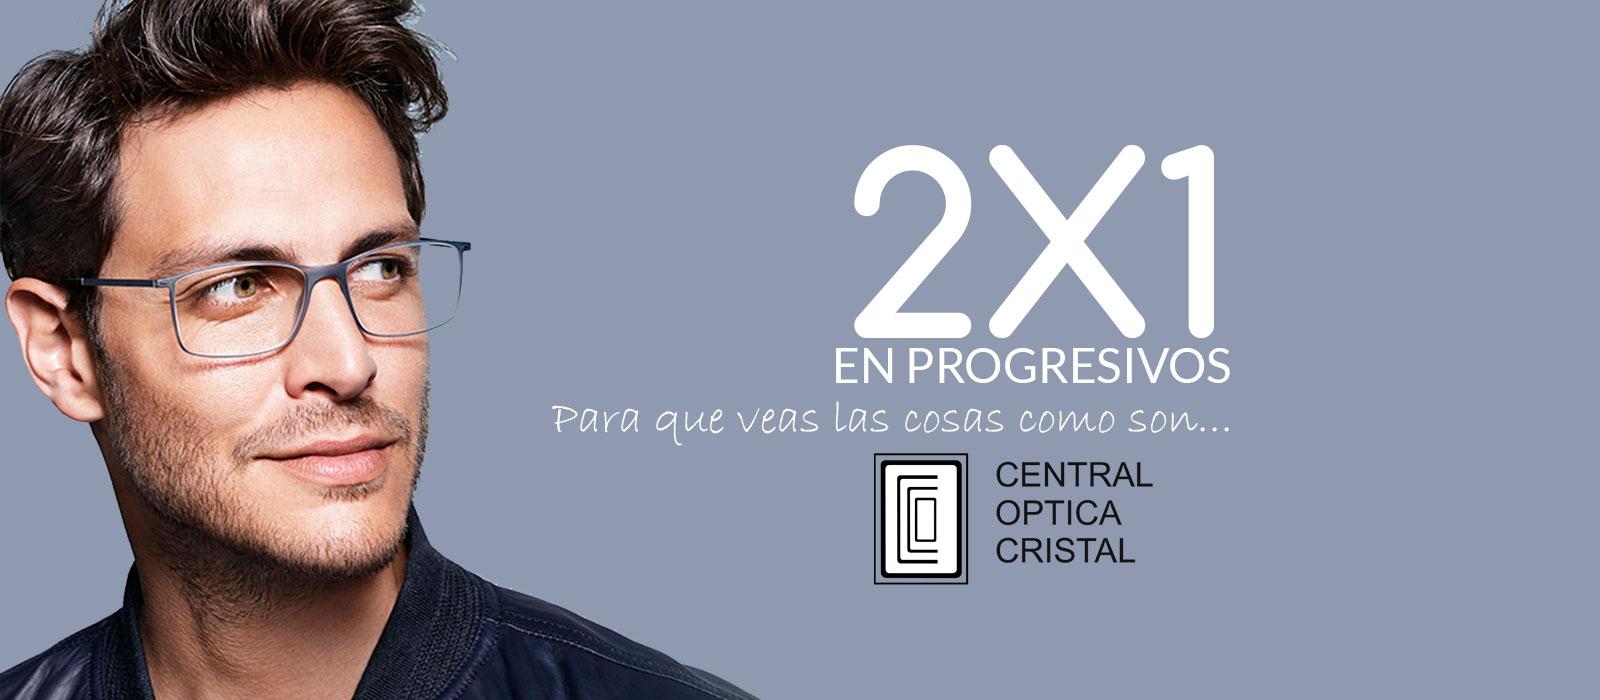 2x1_en_progresivos_web